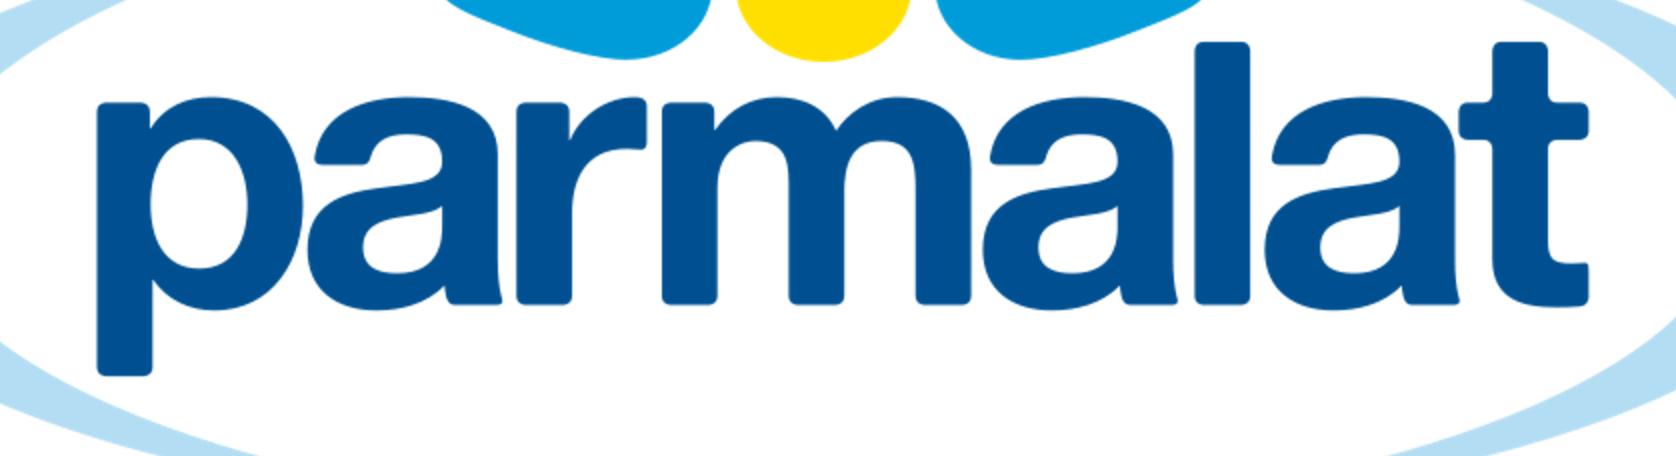 Shame Parmalat, Shame!